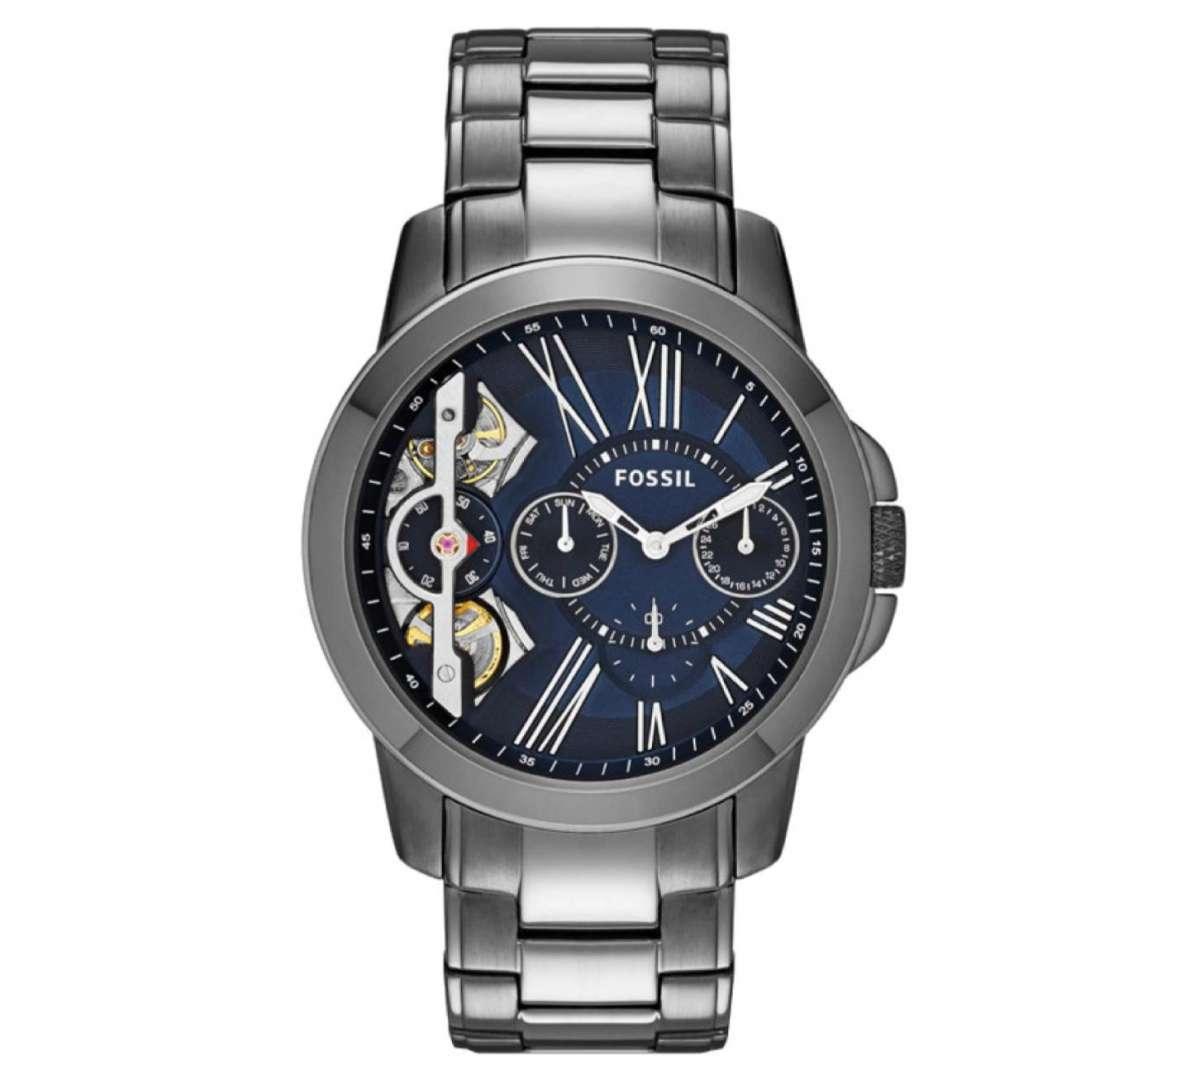 שעון יד אנלוגי fossil me1146 פוסיל